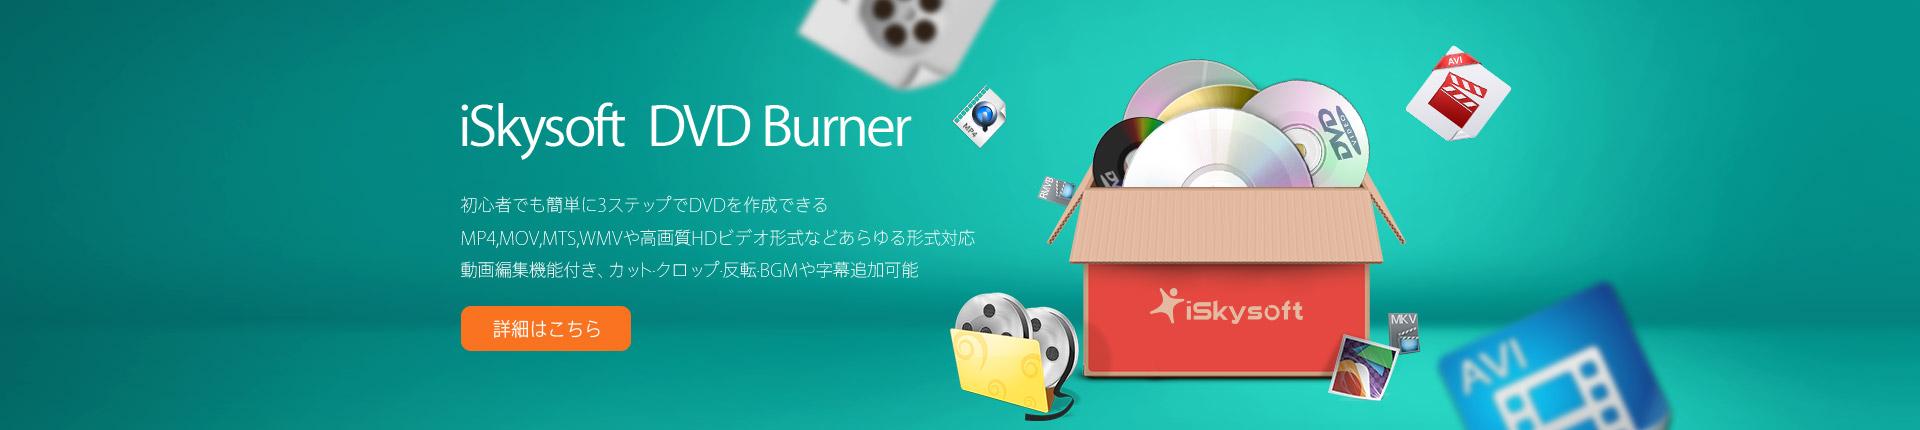 iSkysoft DVD Burner for Mac